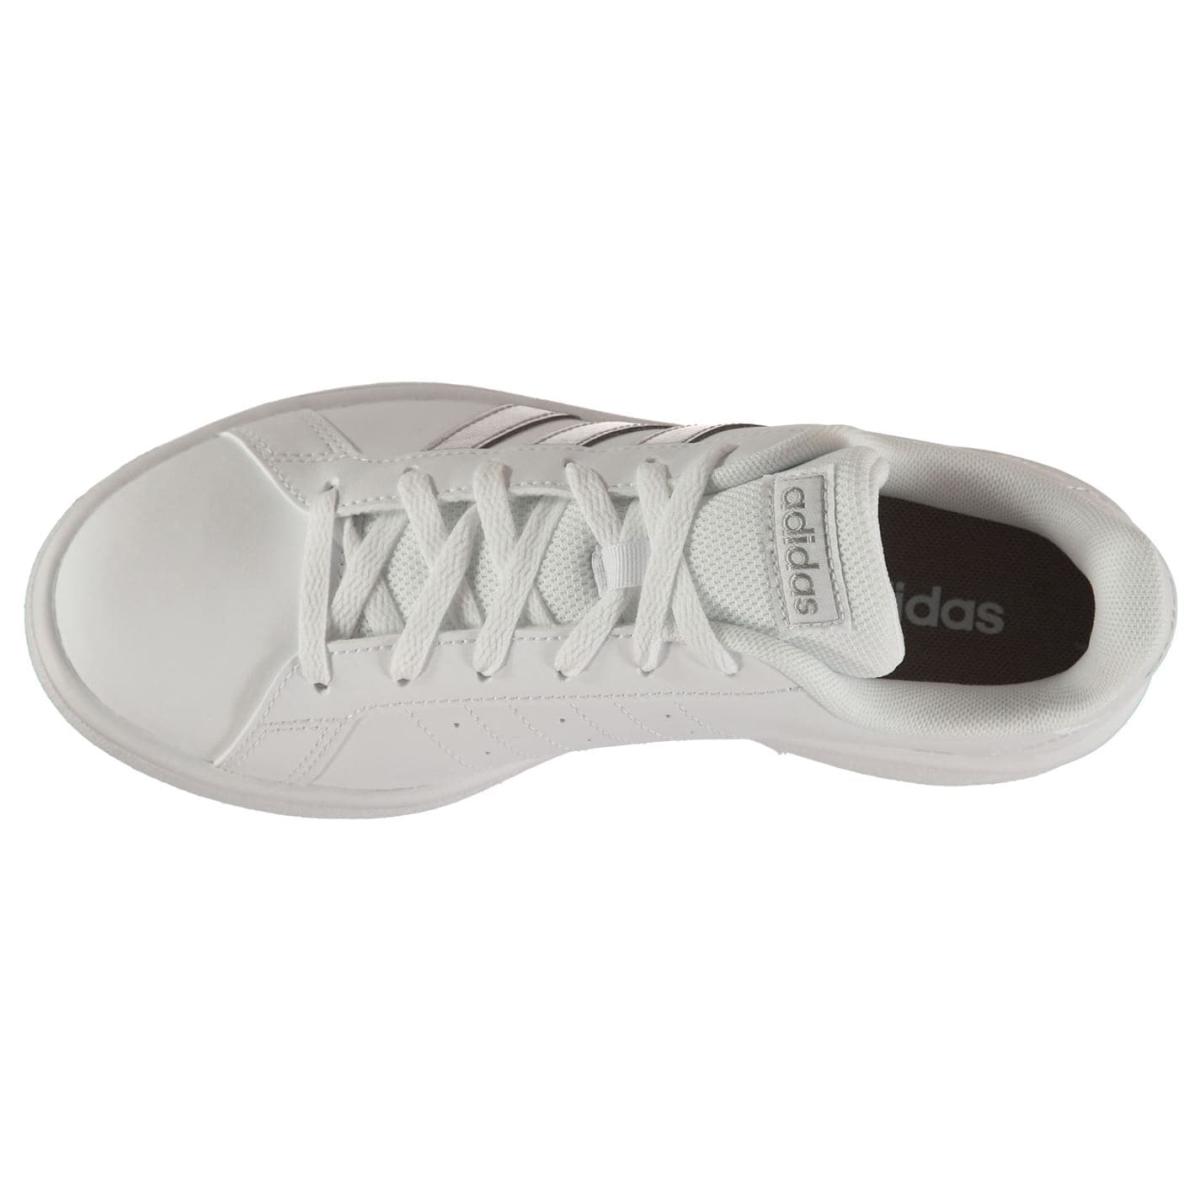 adidas-Grand-Court-Turnschuhe-Damen-Sneaker-Sportschuhe-Laufschuhe-5270 Indexbild 4